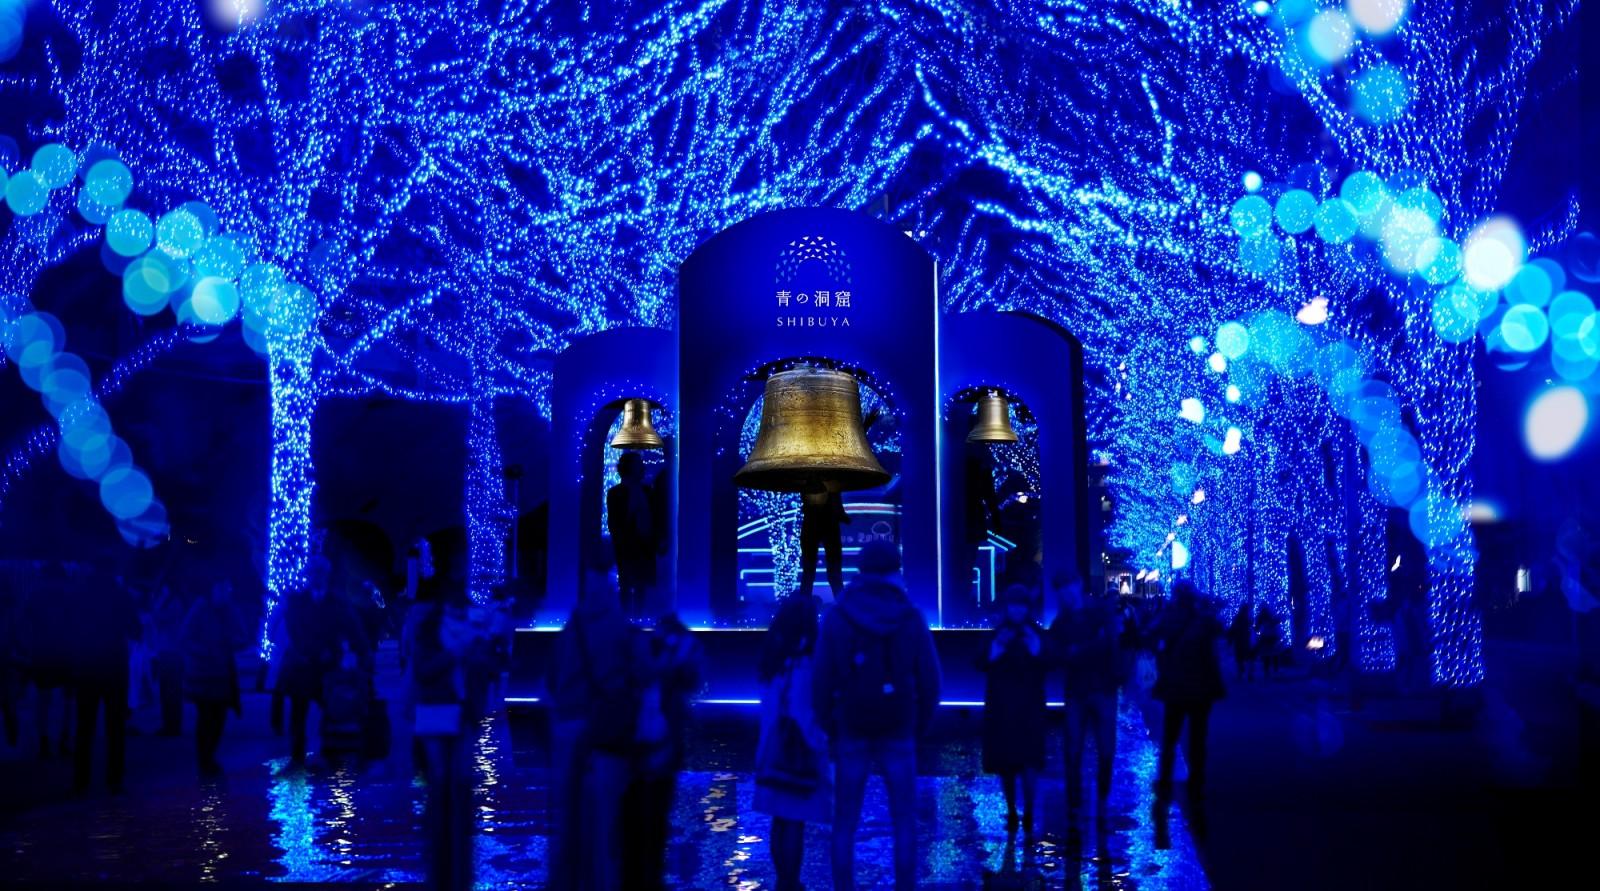 『青の洞窟 SHIBUYA』2019は幸せを呼ぶ金色の鐘を鳴らす~